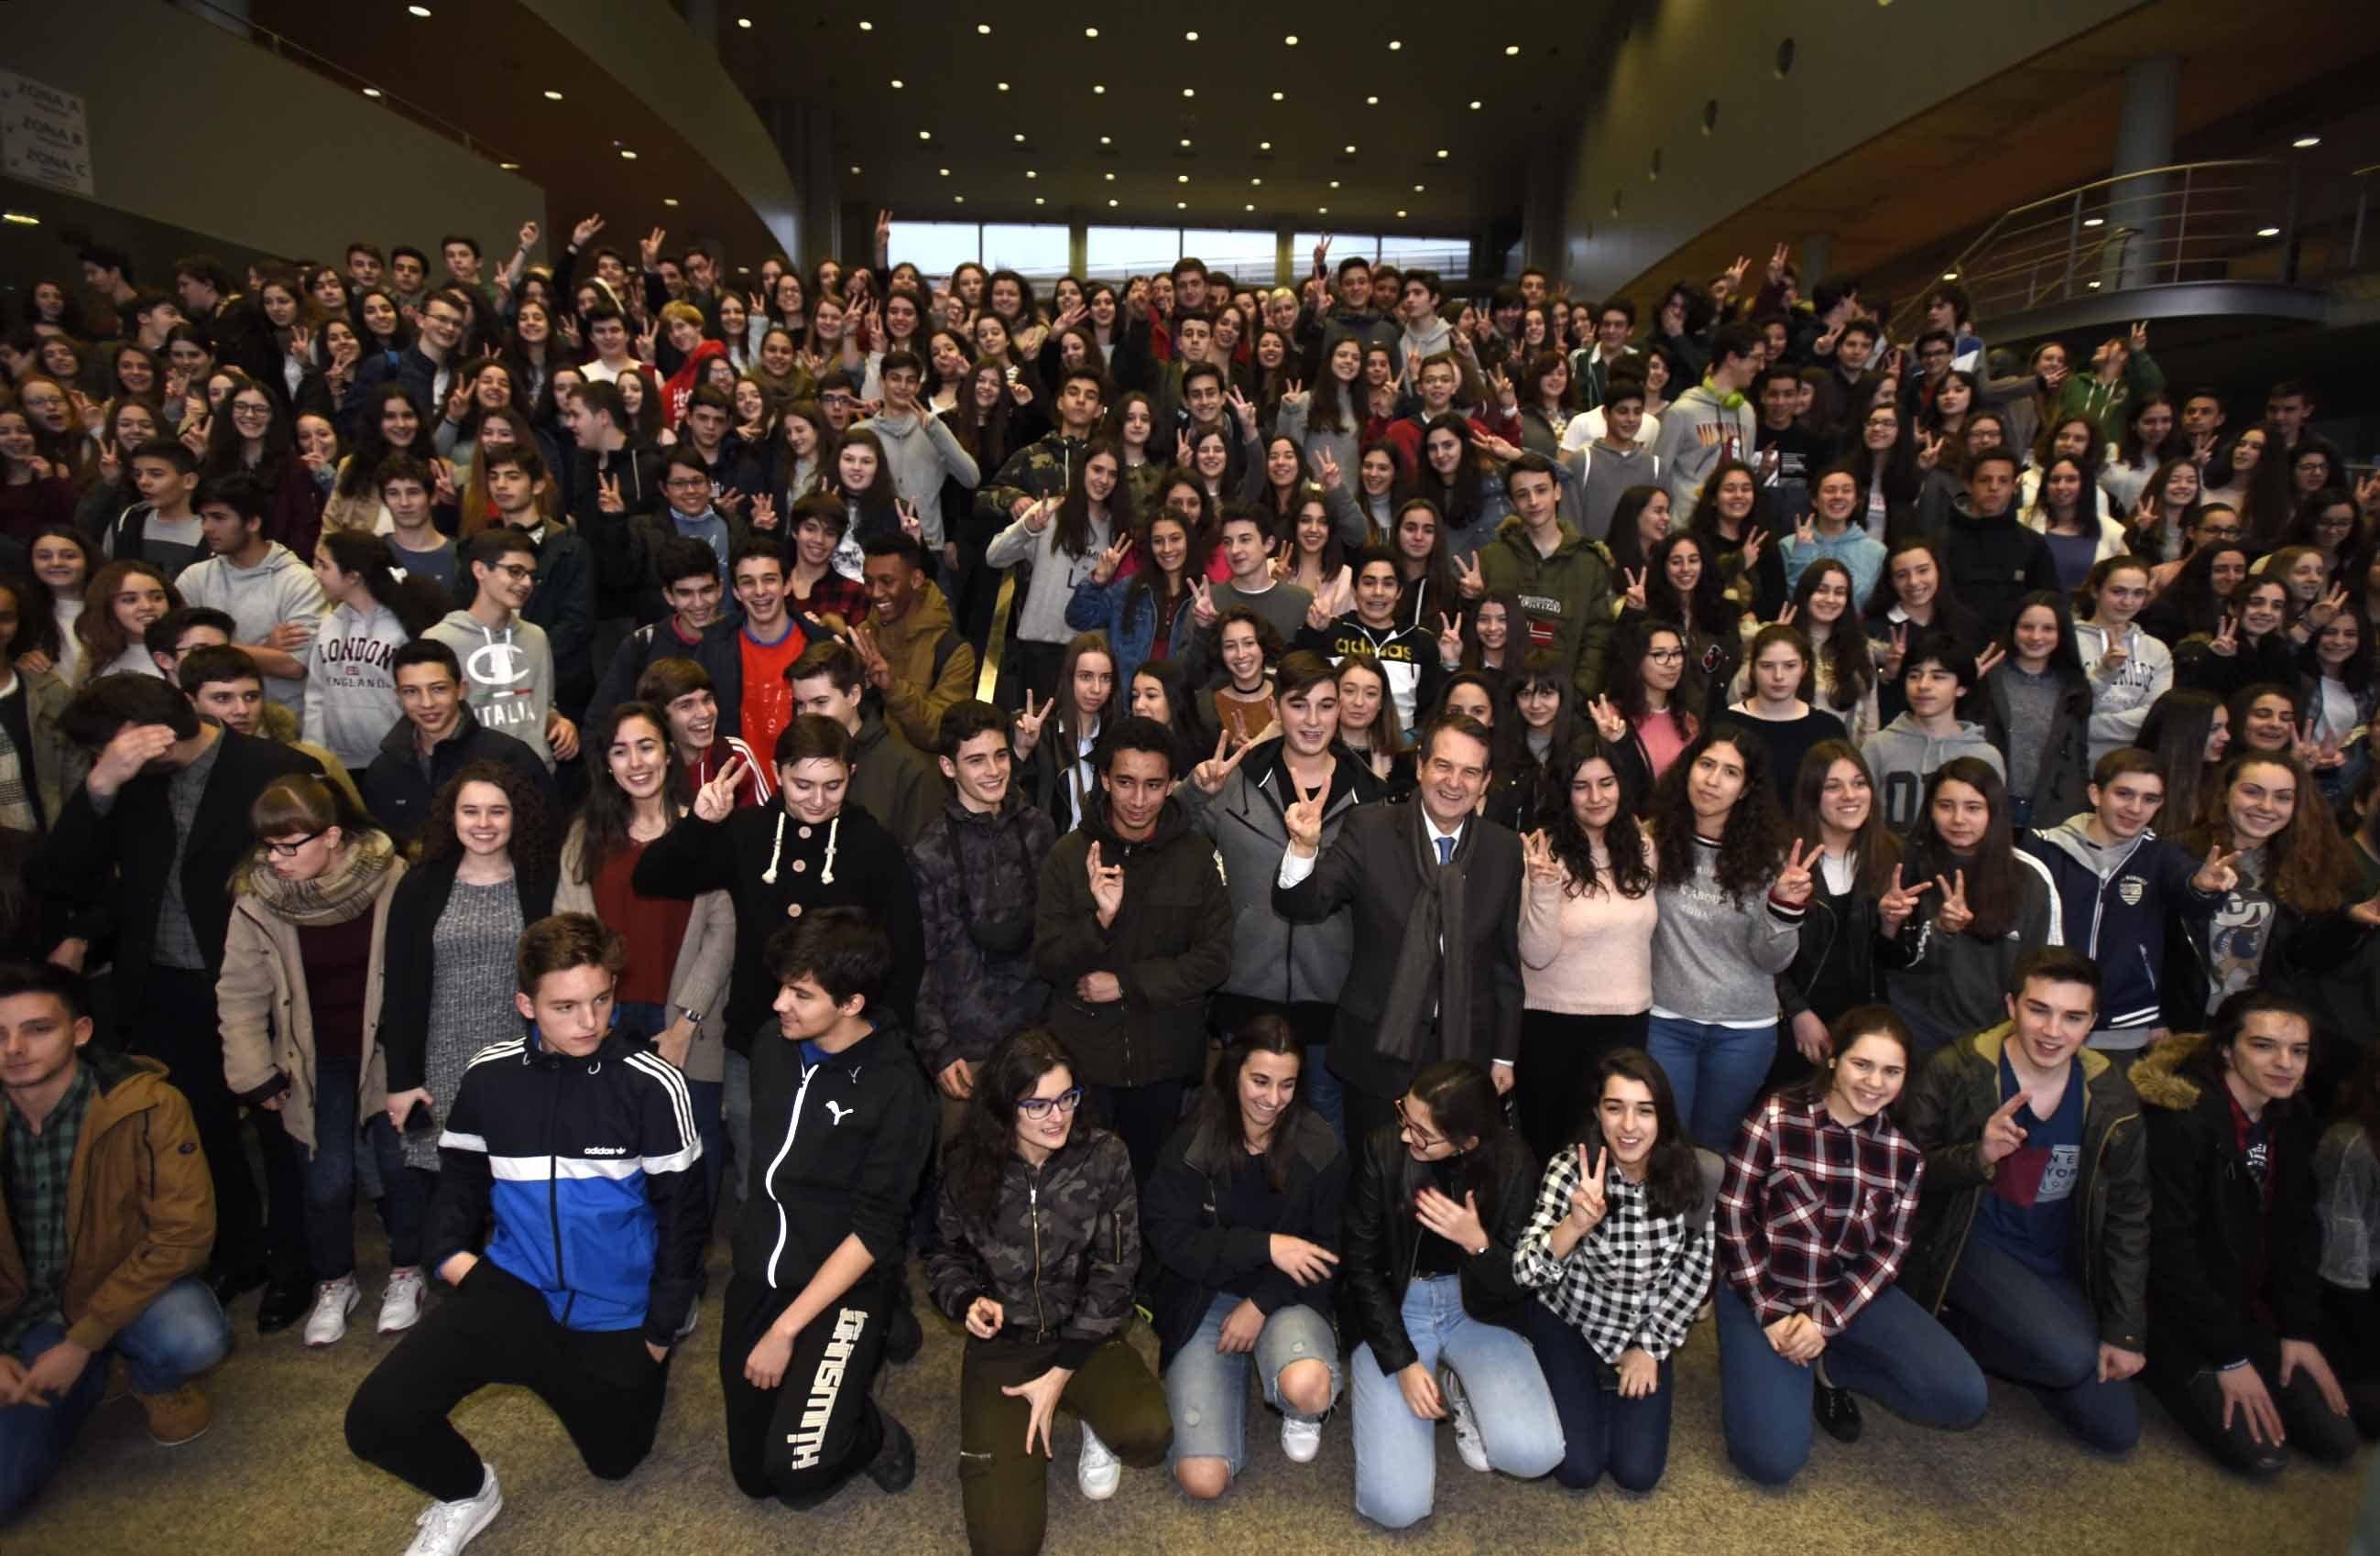 Caballero anuncia becas para comedor y viajes a for Becas comedor 2017 madrid